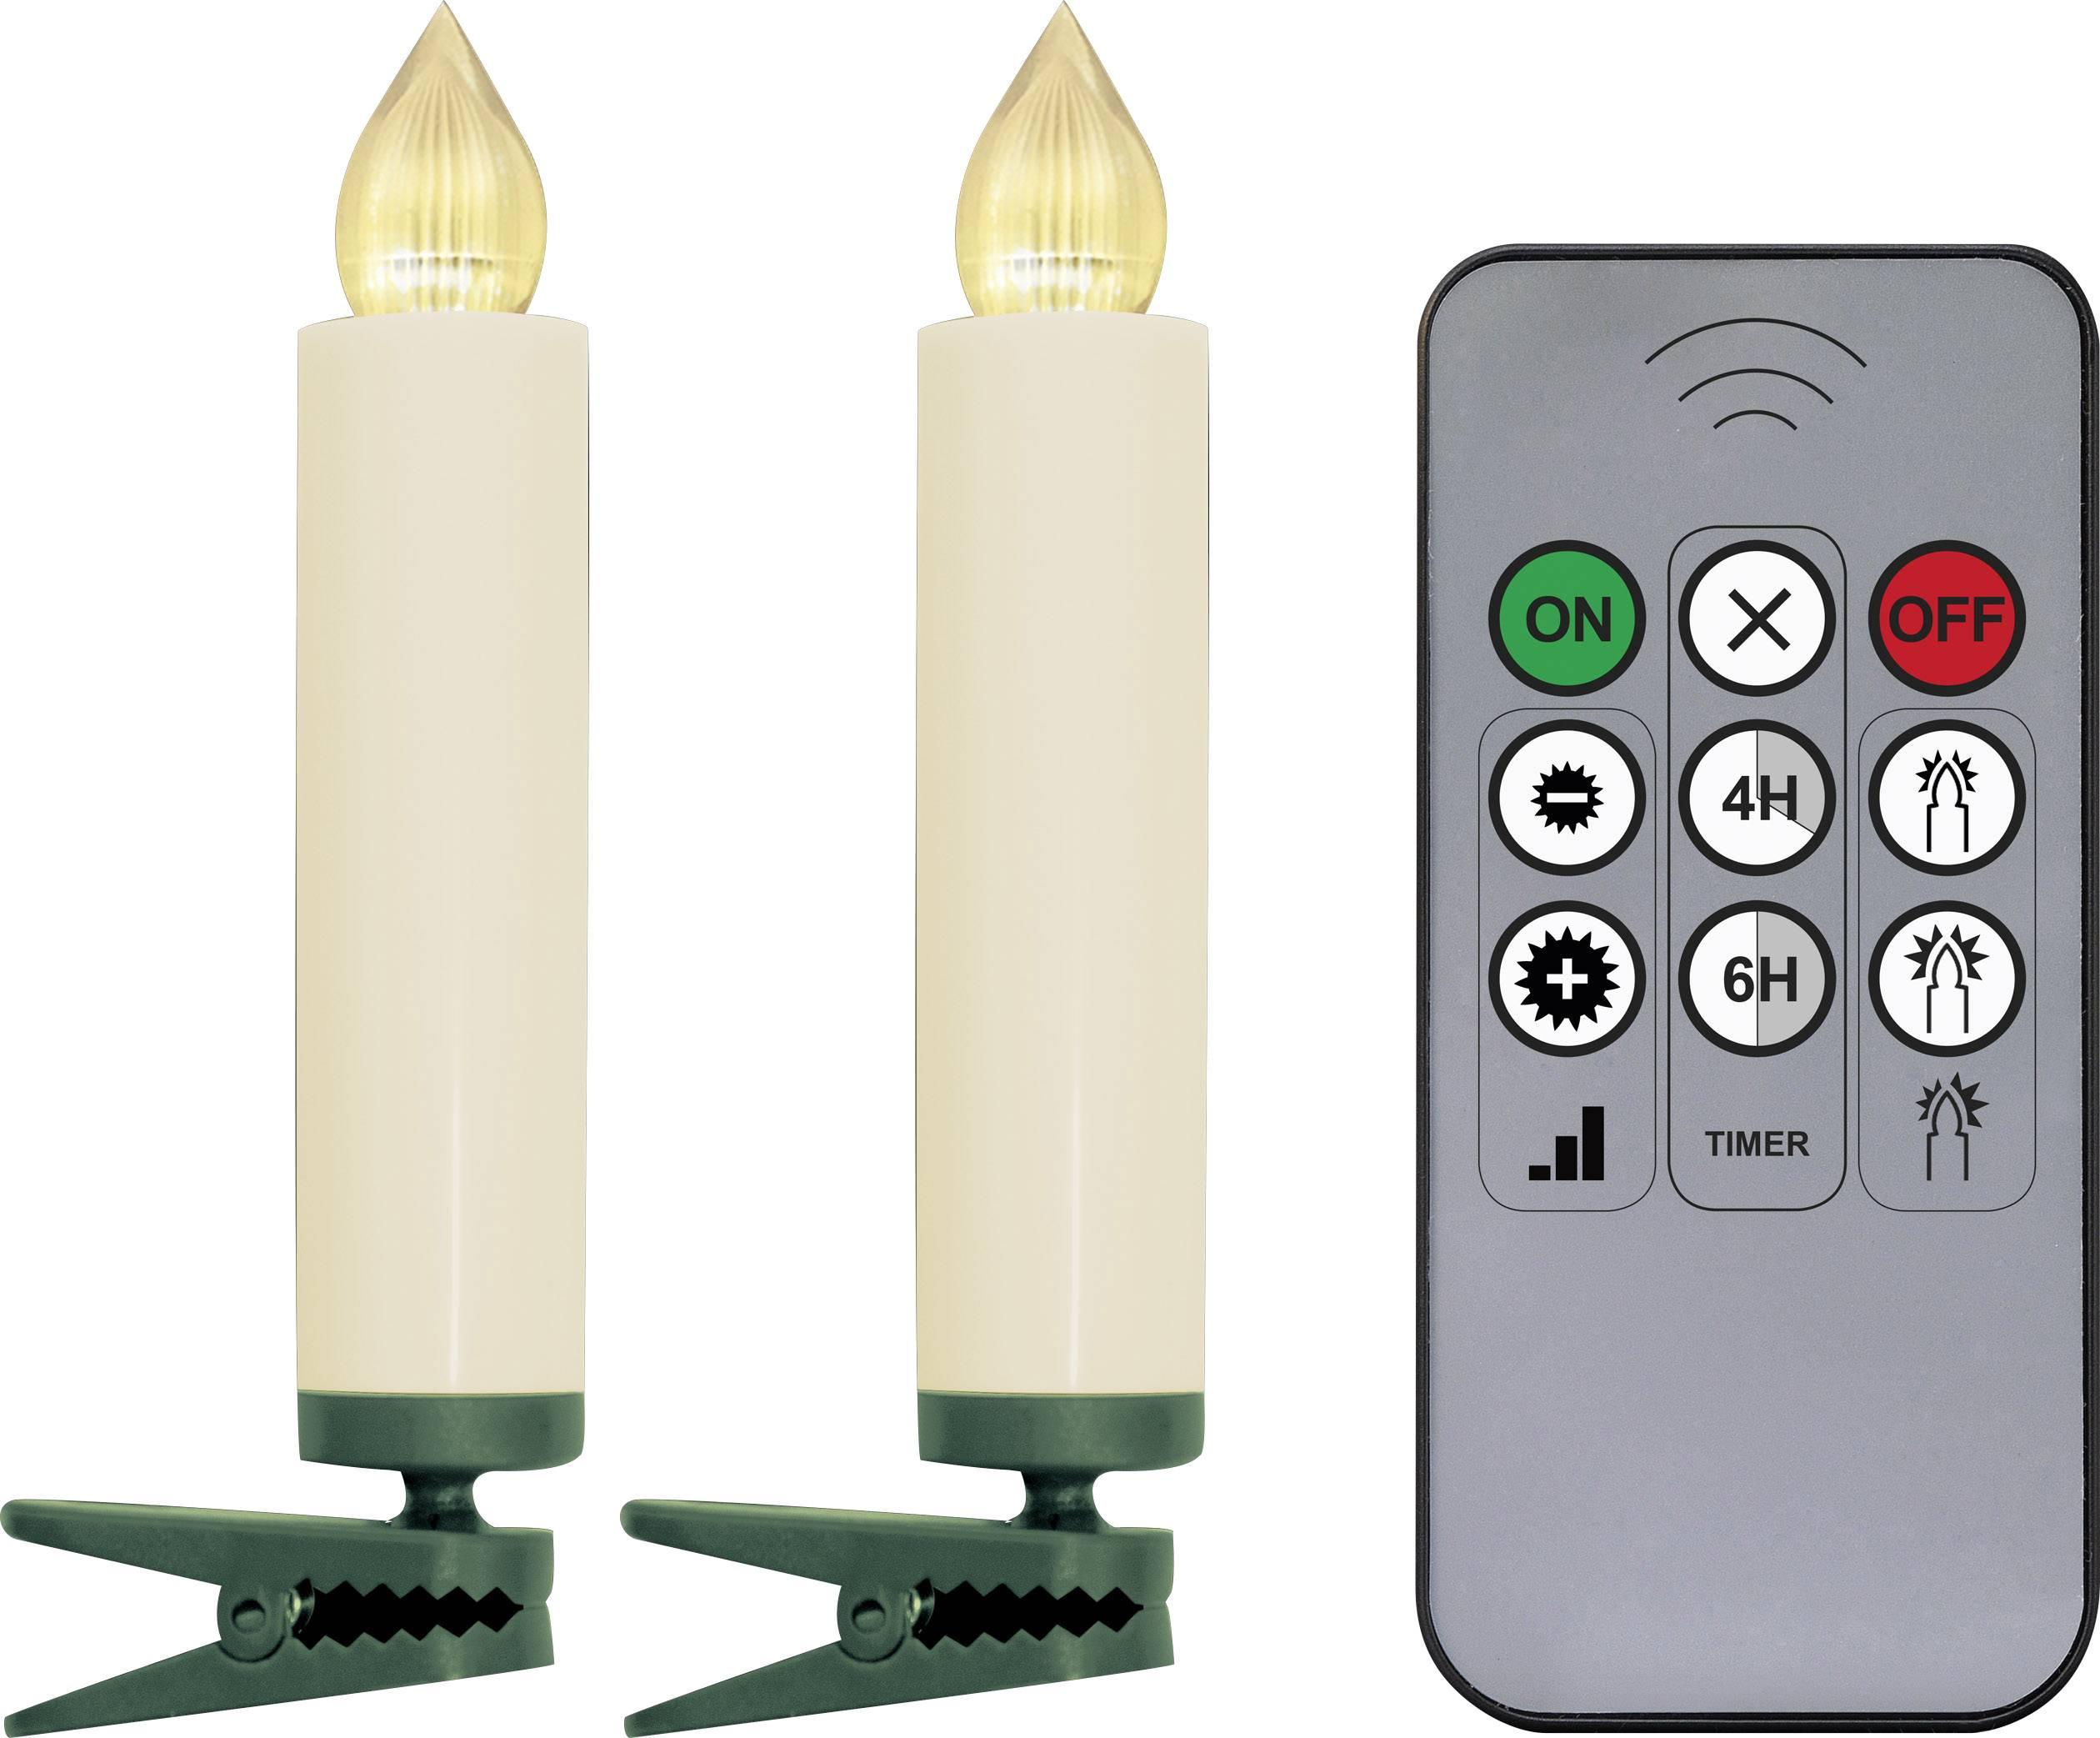 Vnútorné LED bezdrôtové osvetlenie vianočného stromčeka na batérie Polarlite LBA-30-003a, 10 LED, teplá biela, 9.5 cm